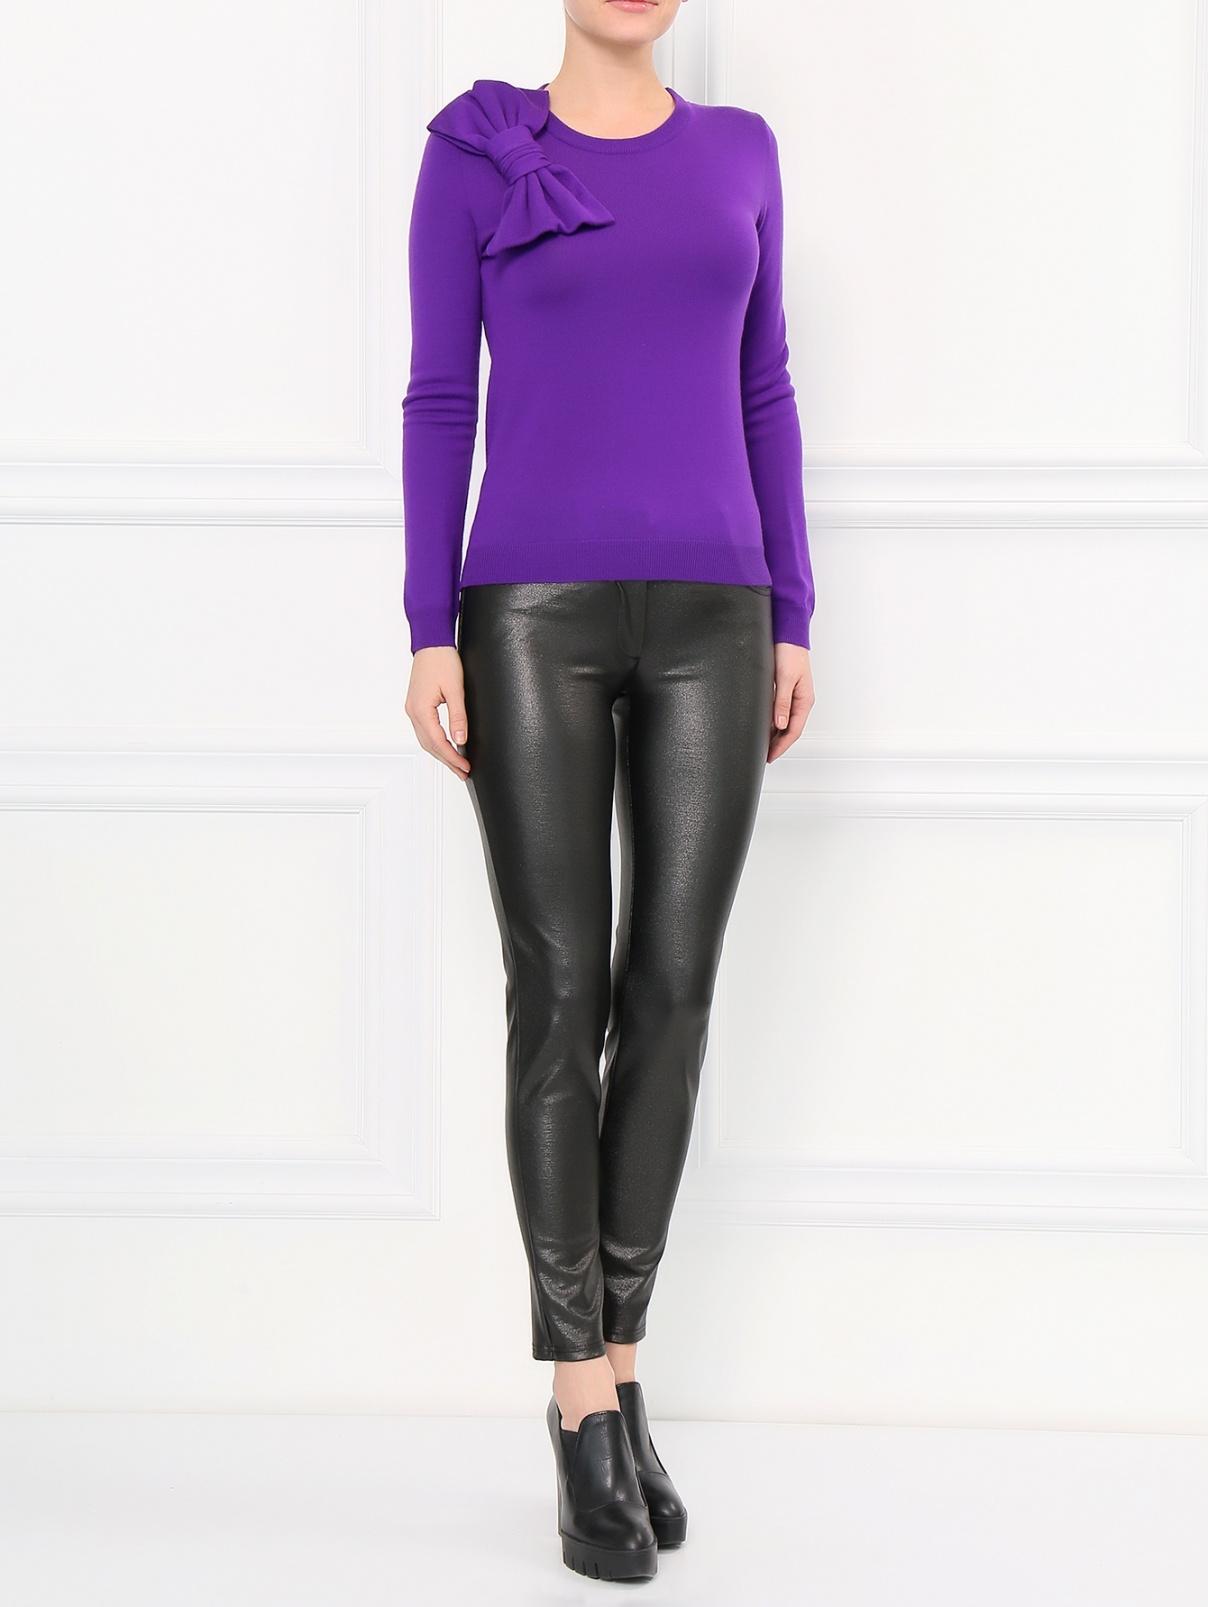 Узкие трикотажные брюки с напылением Moschino Boutique  –  Модель Общий вид